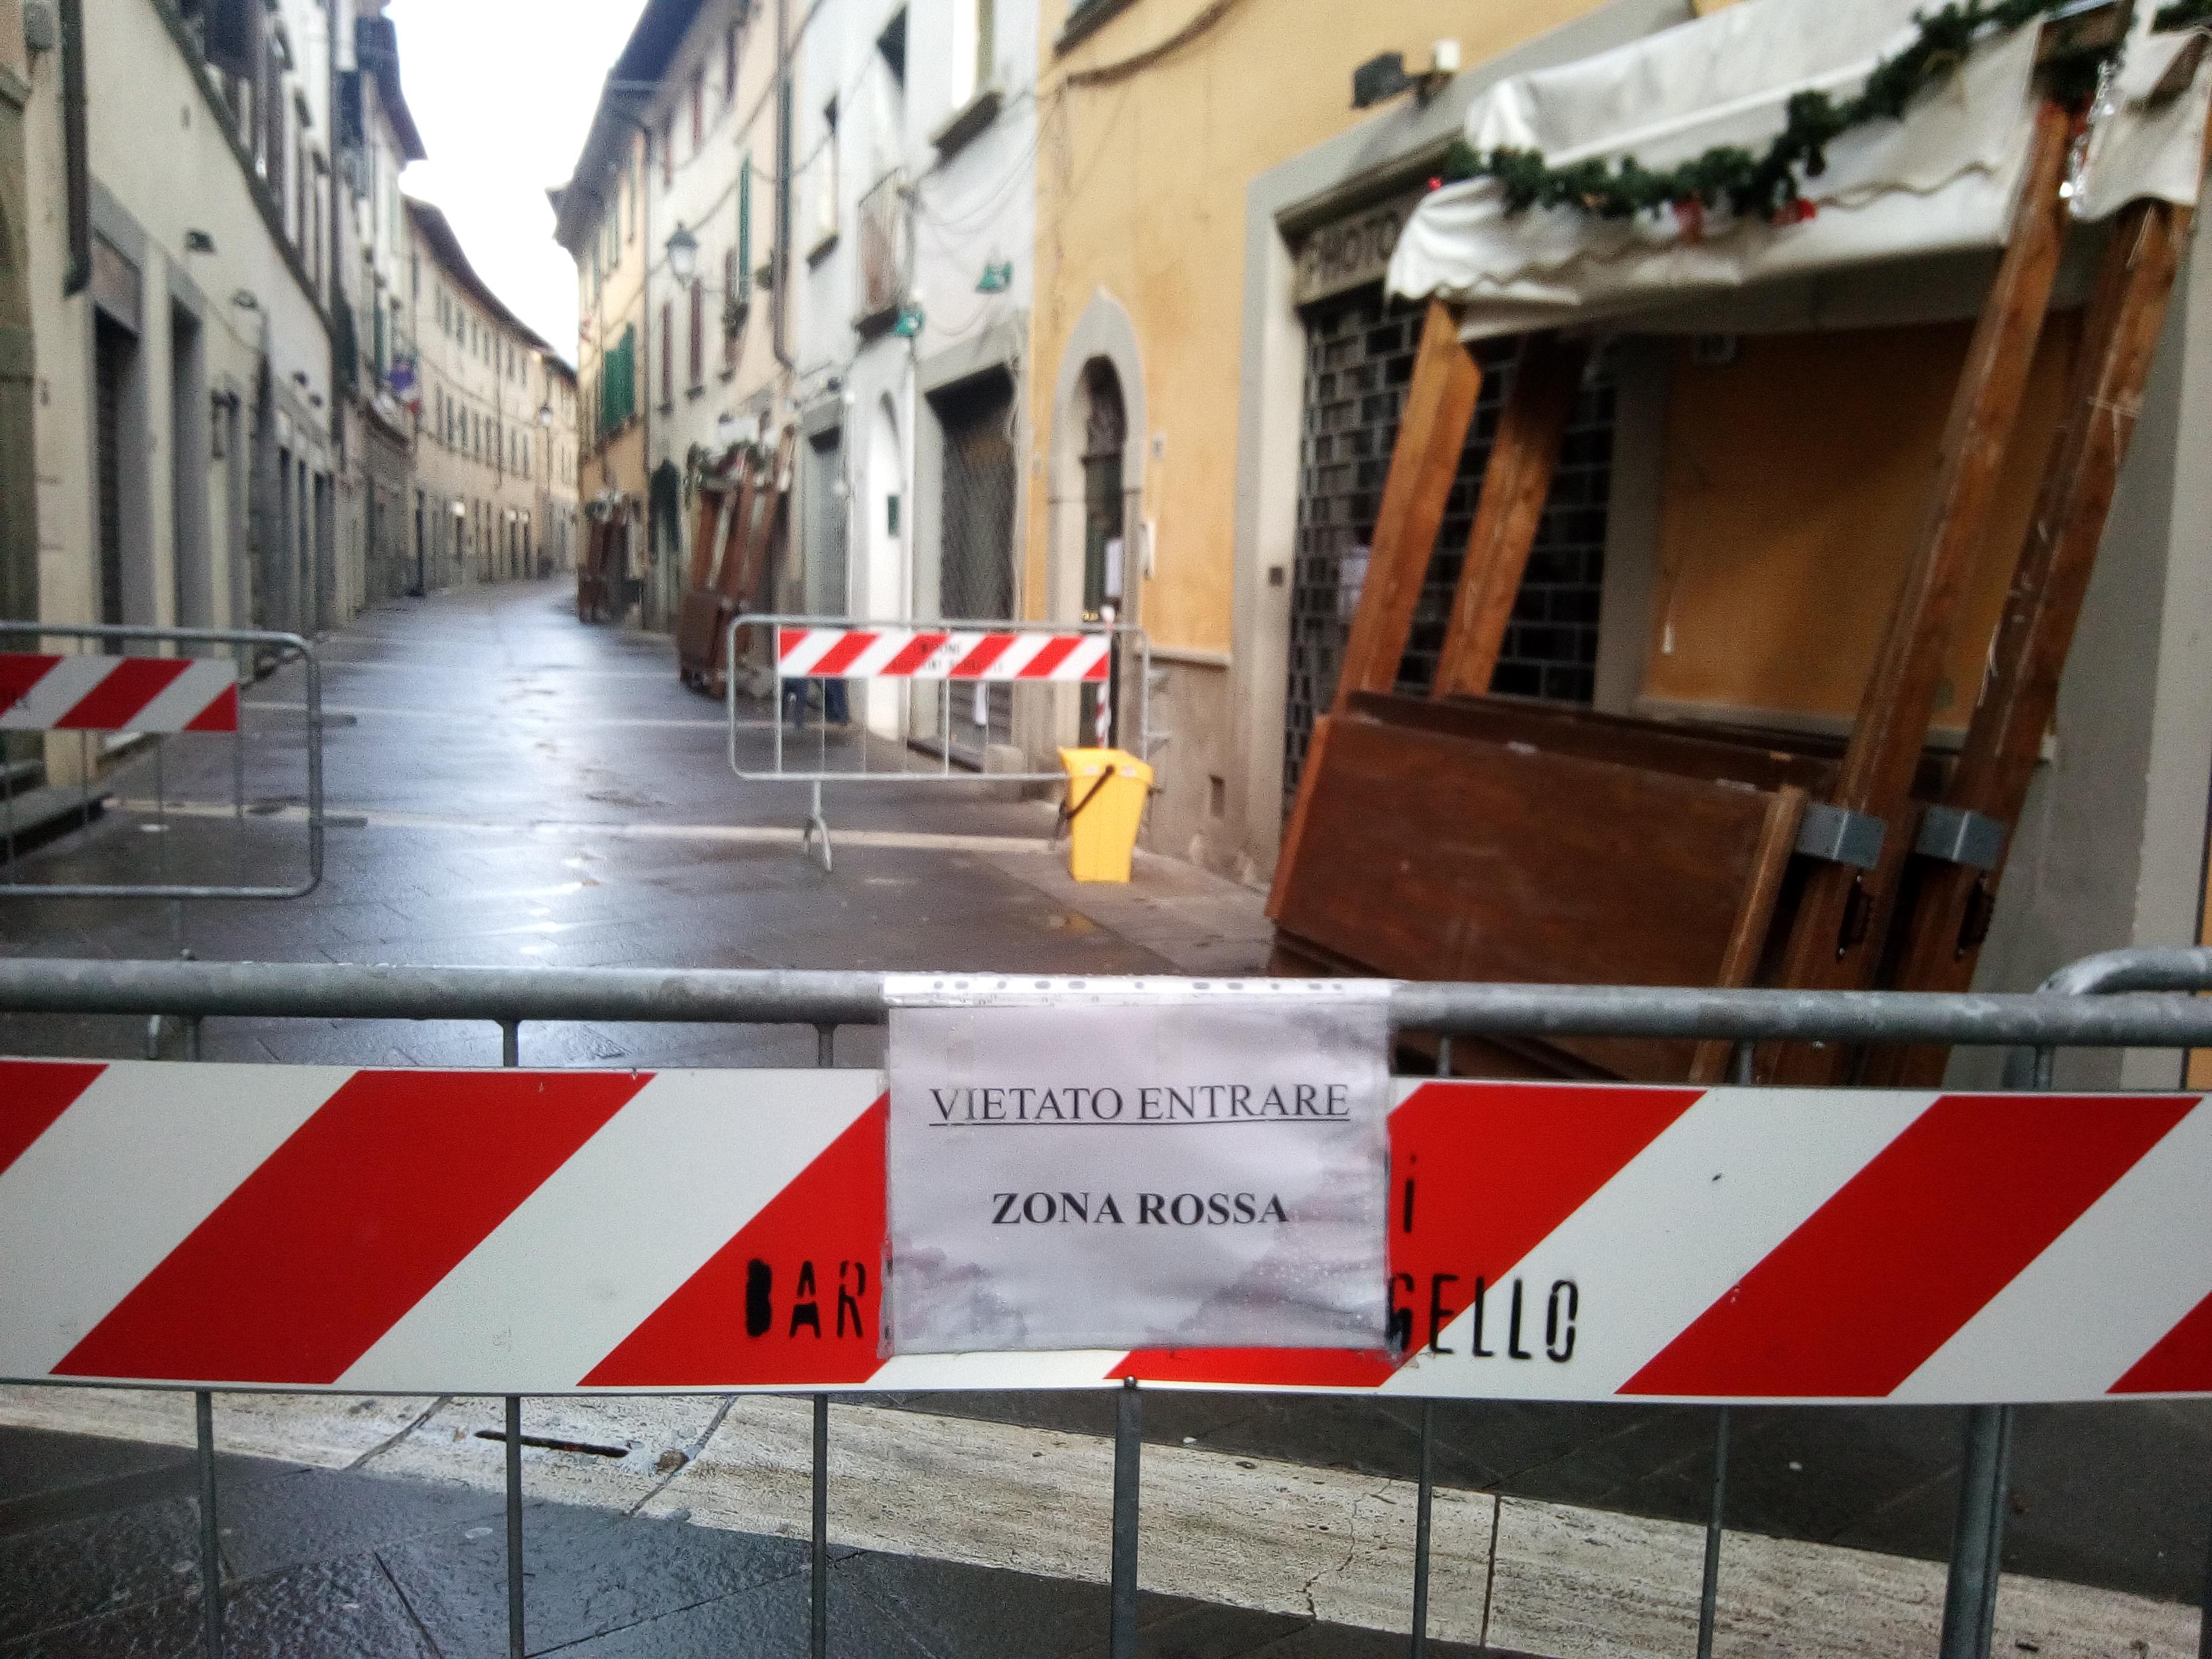 Continua lo sciame sismico a Barberino di Mugello, ma la popolazione reagisce in modo esemplare